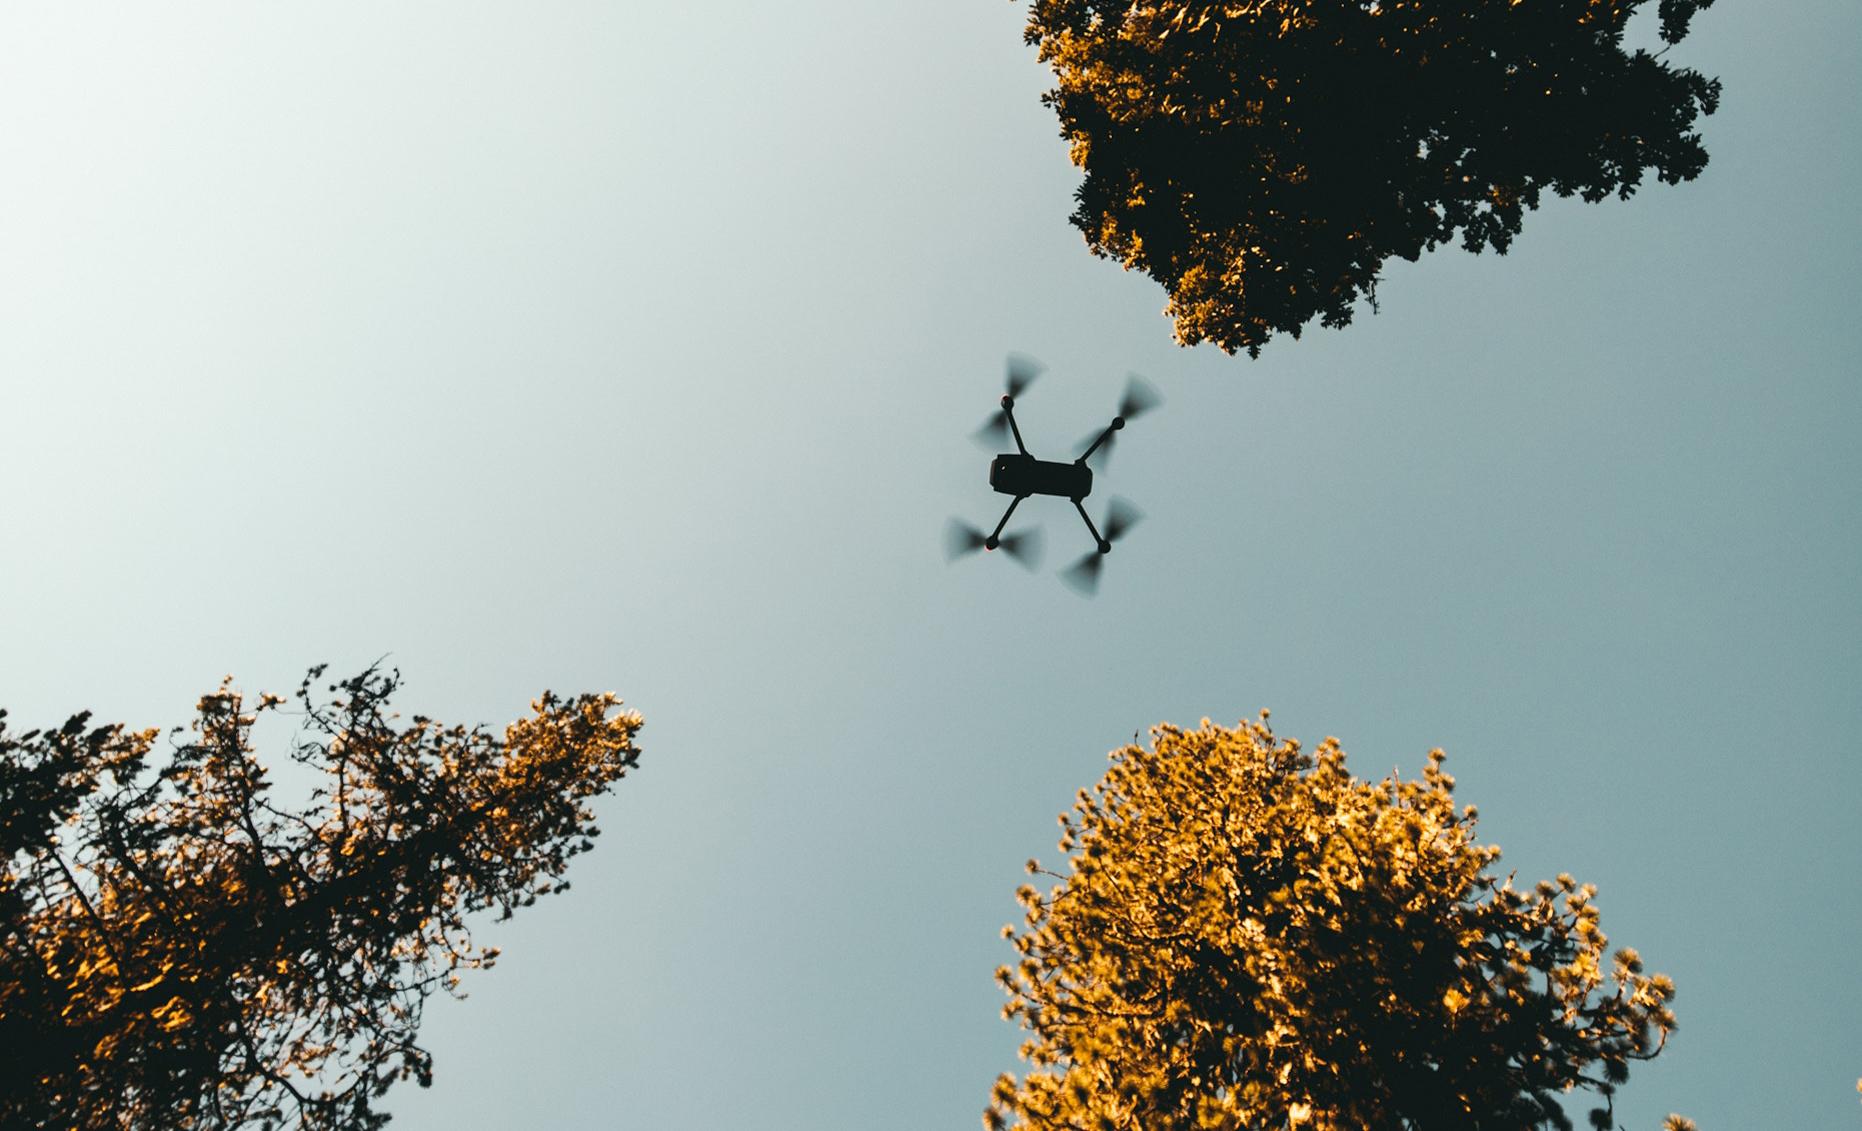 Dronen lennättämisestä maidolla skoolaamiseen – 15-vuotias Kalle tutustui viestintätoimiston arkeen